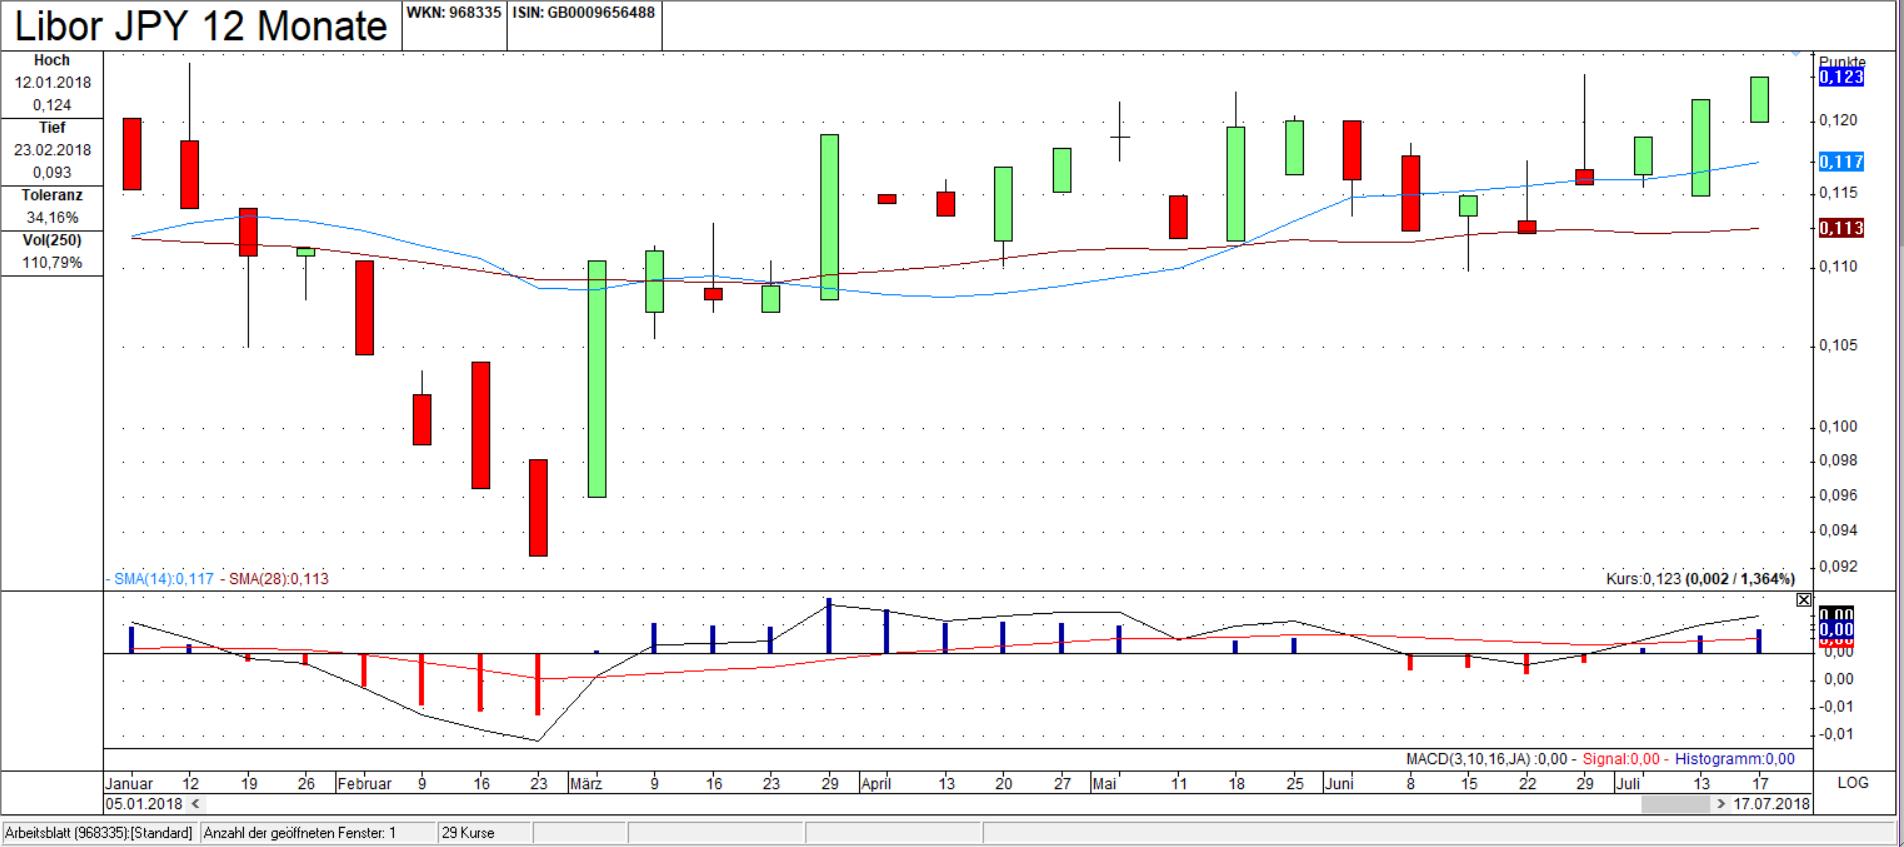 Libor JPY 12 Monate Chart: Ist bisher gestiegen